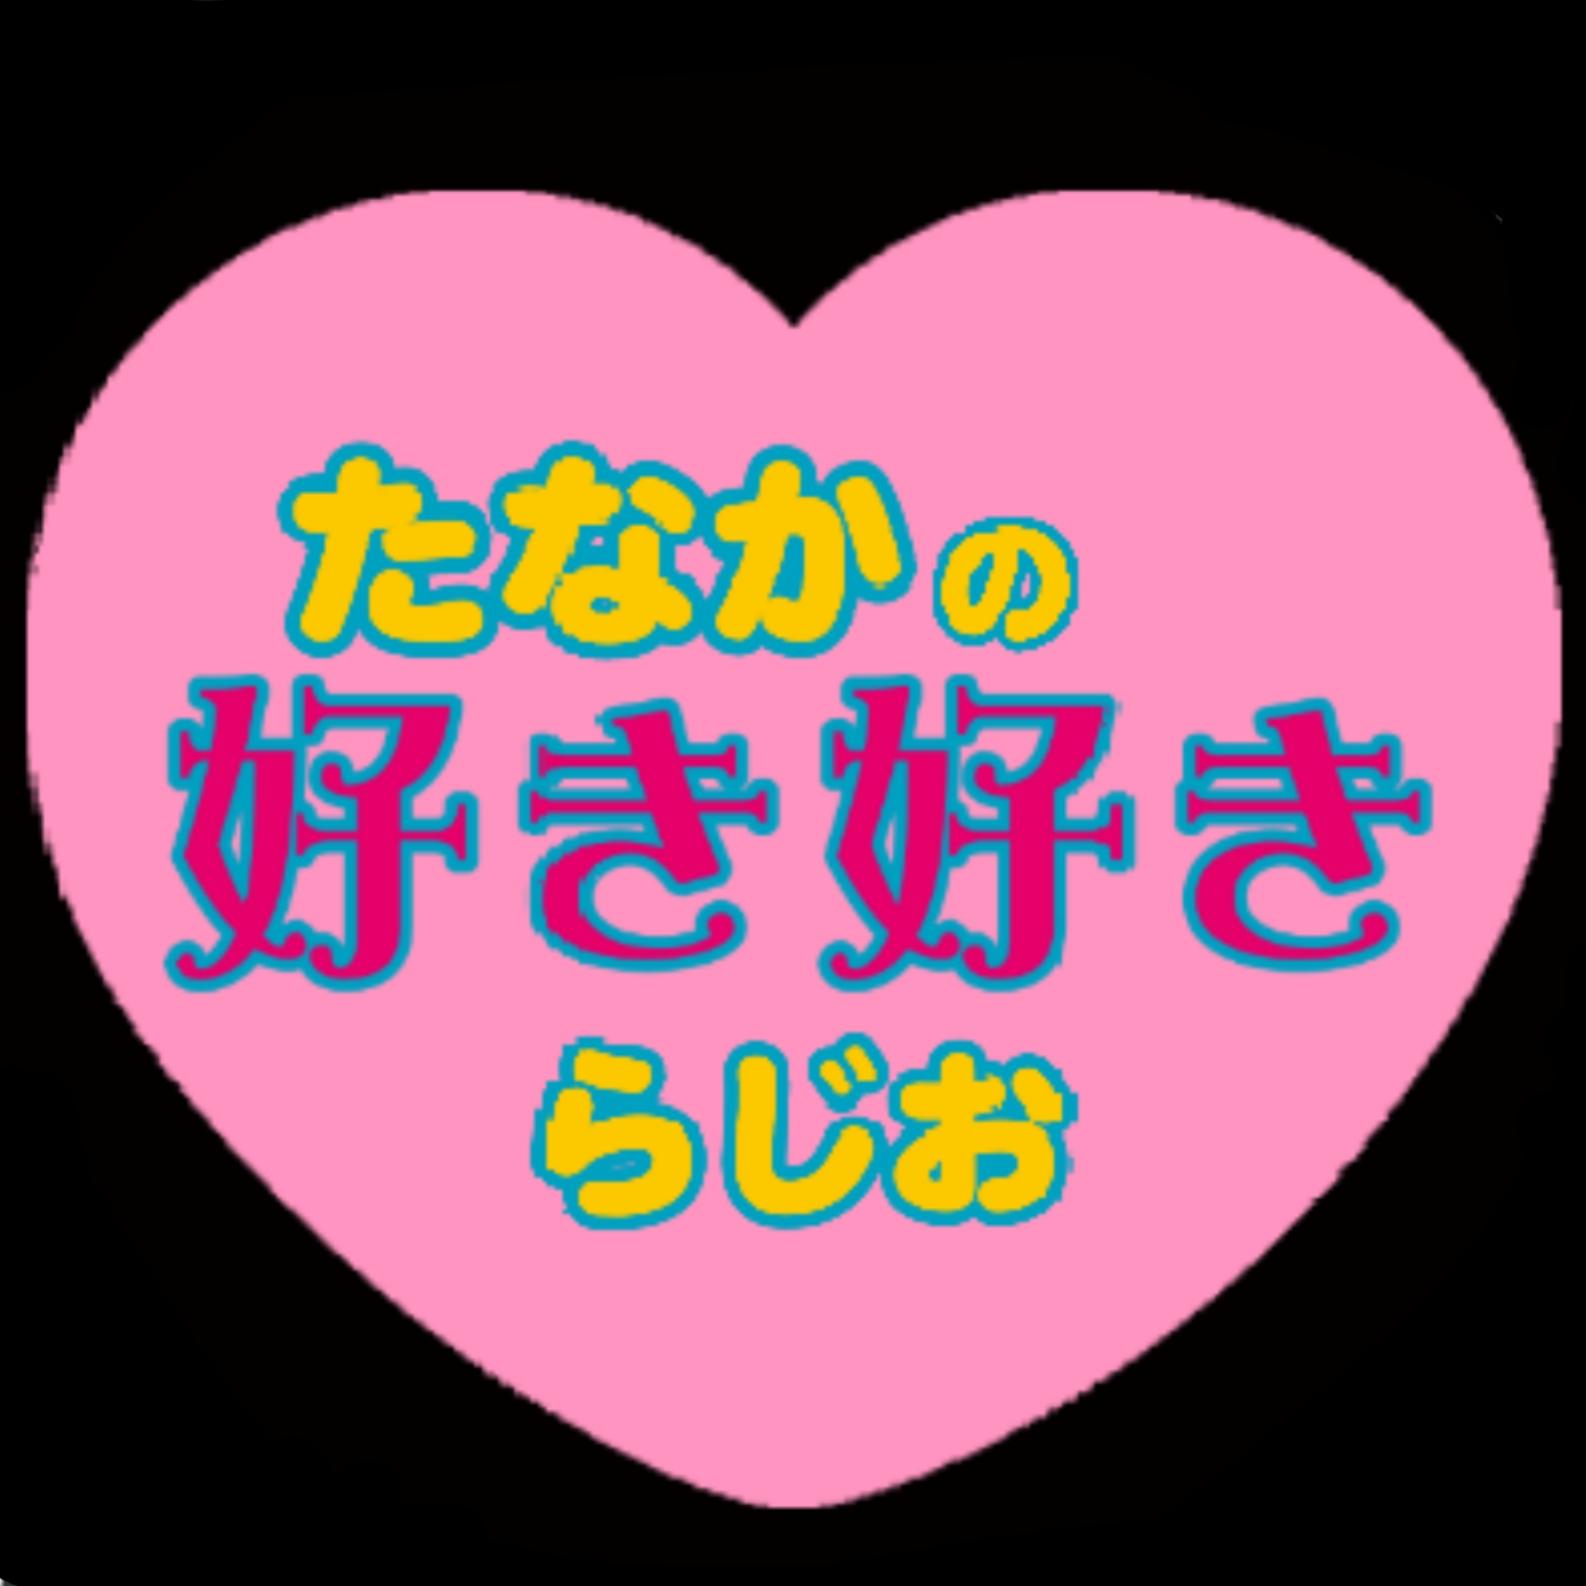 #035【『笑顔の祭りにゃ、福来る』が好き!】